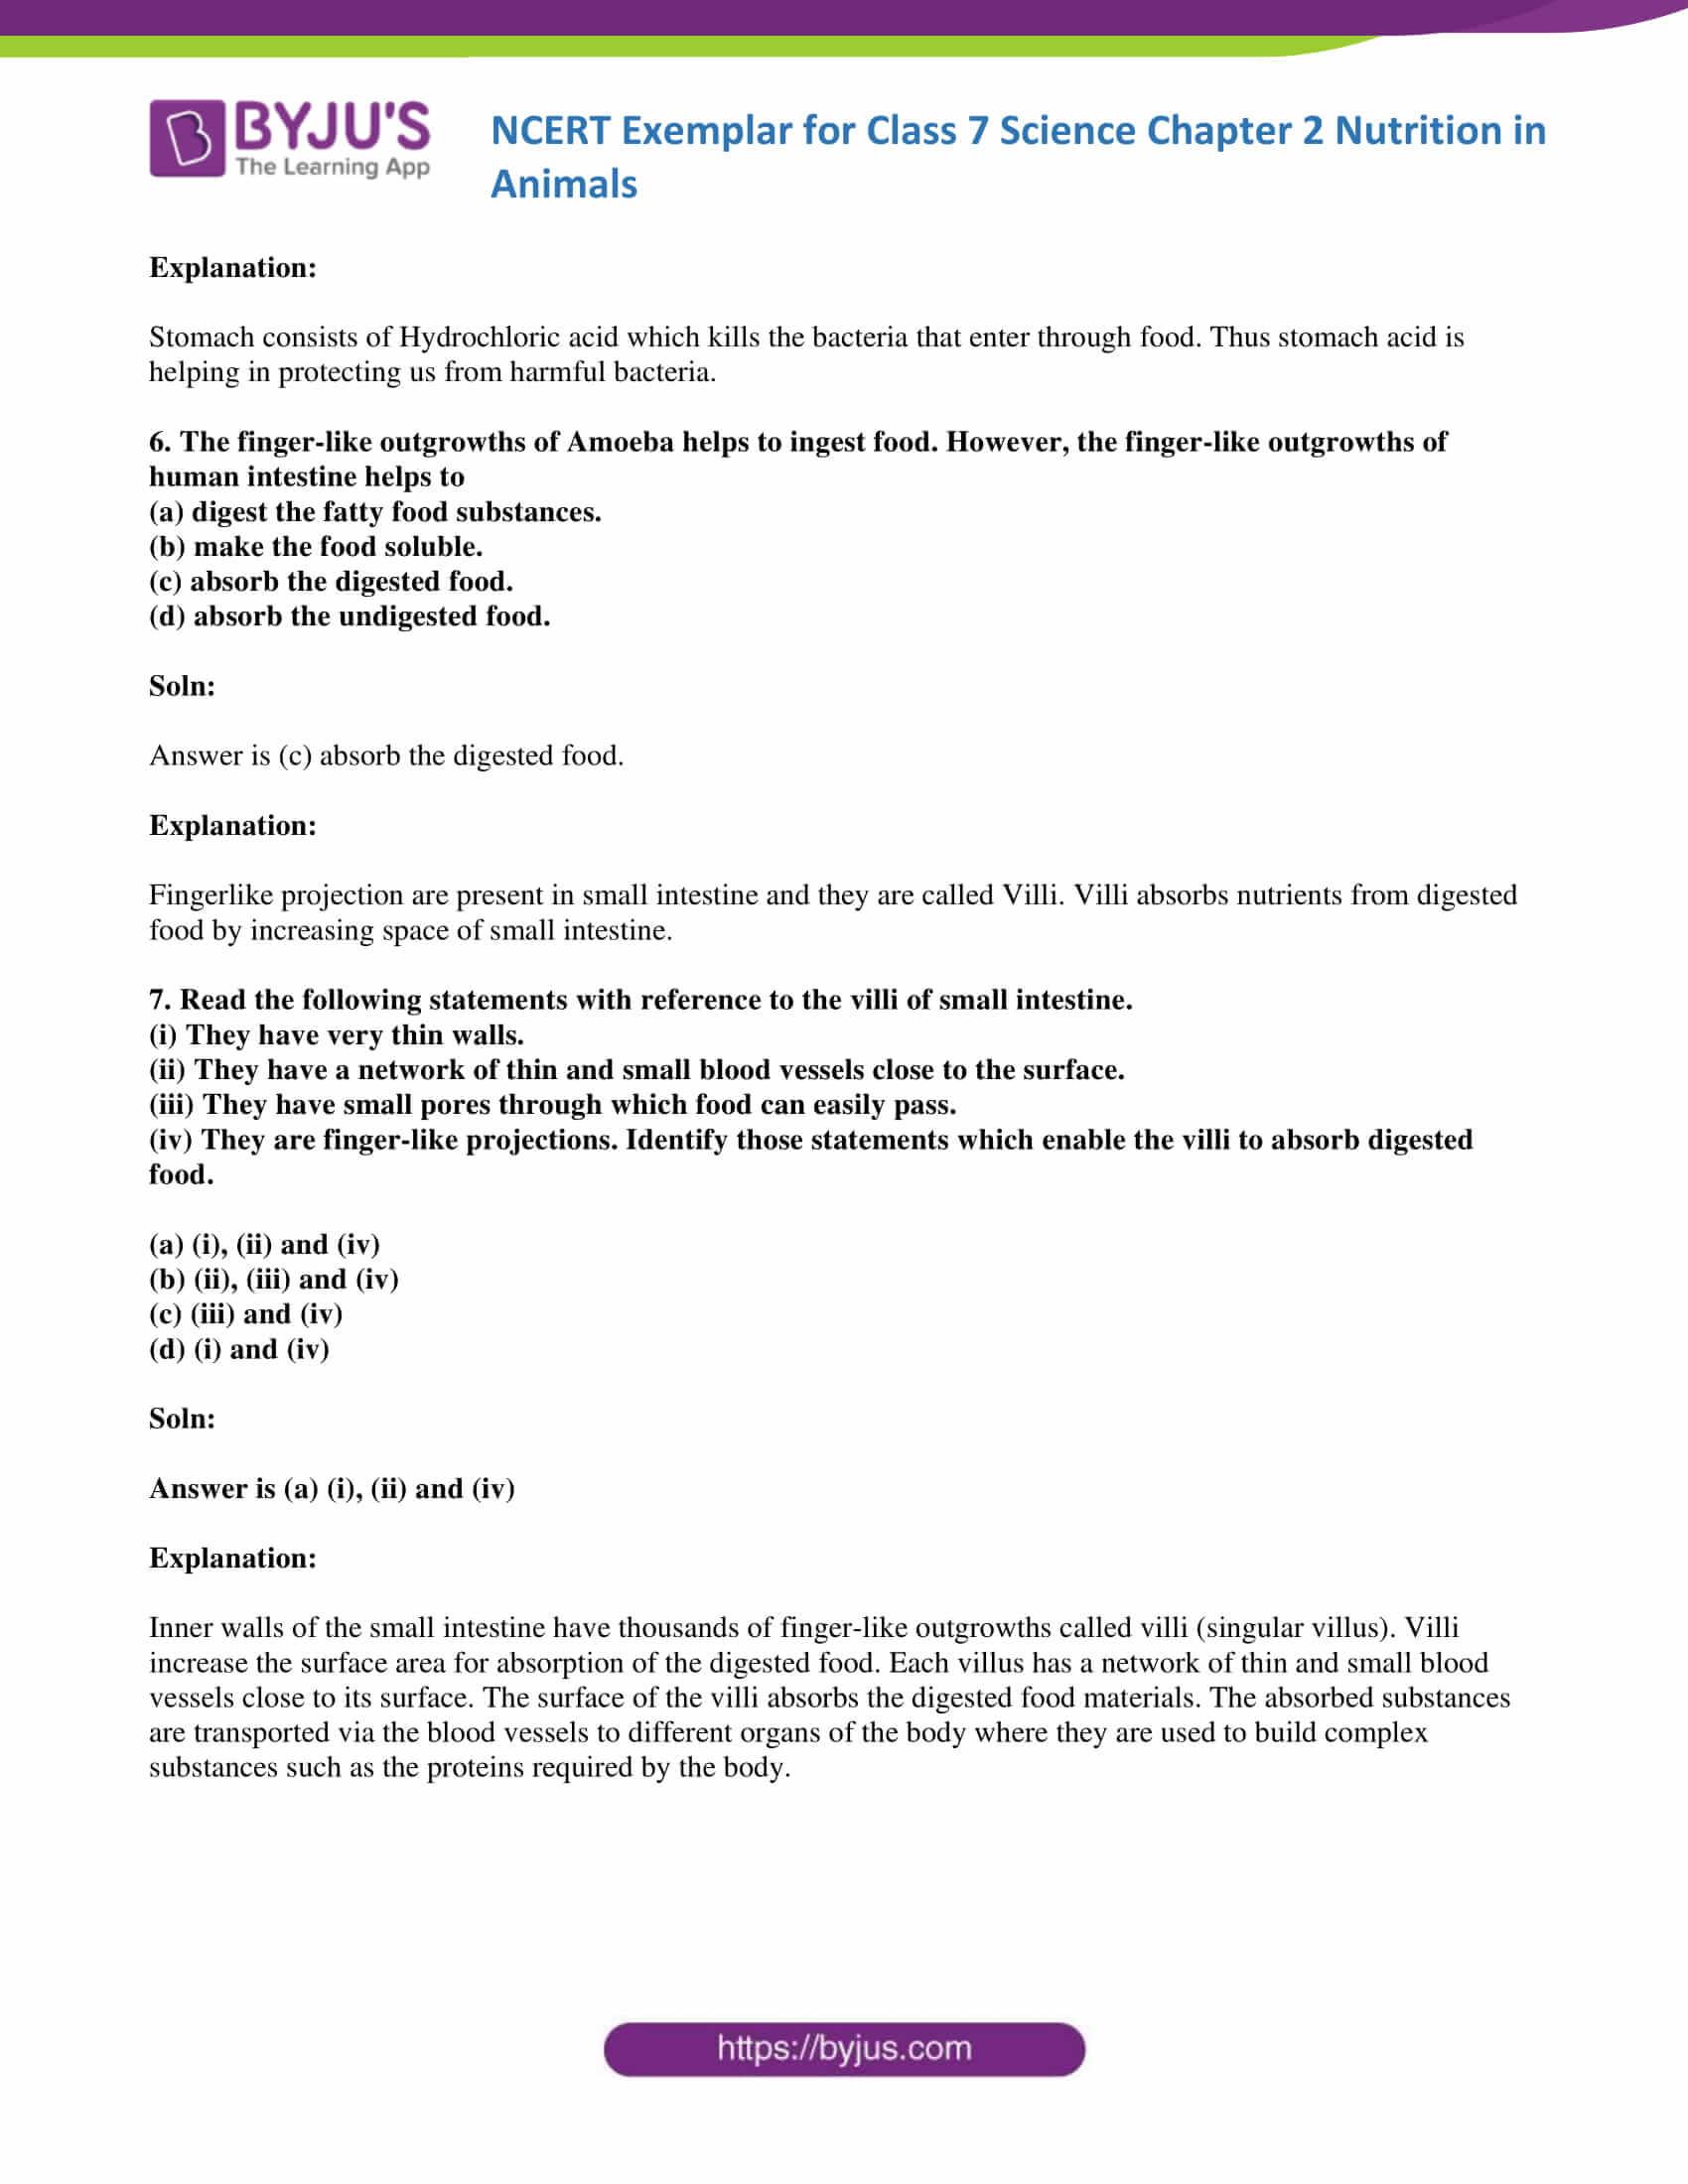 NCERT Exemplar solution class 7 science Chapter 2 03